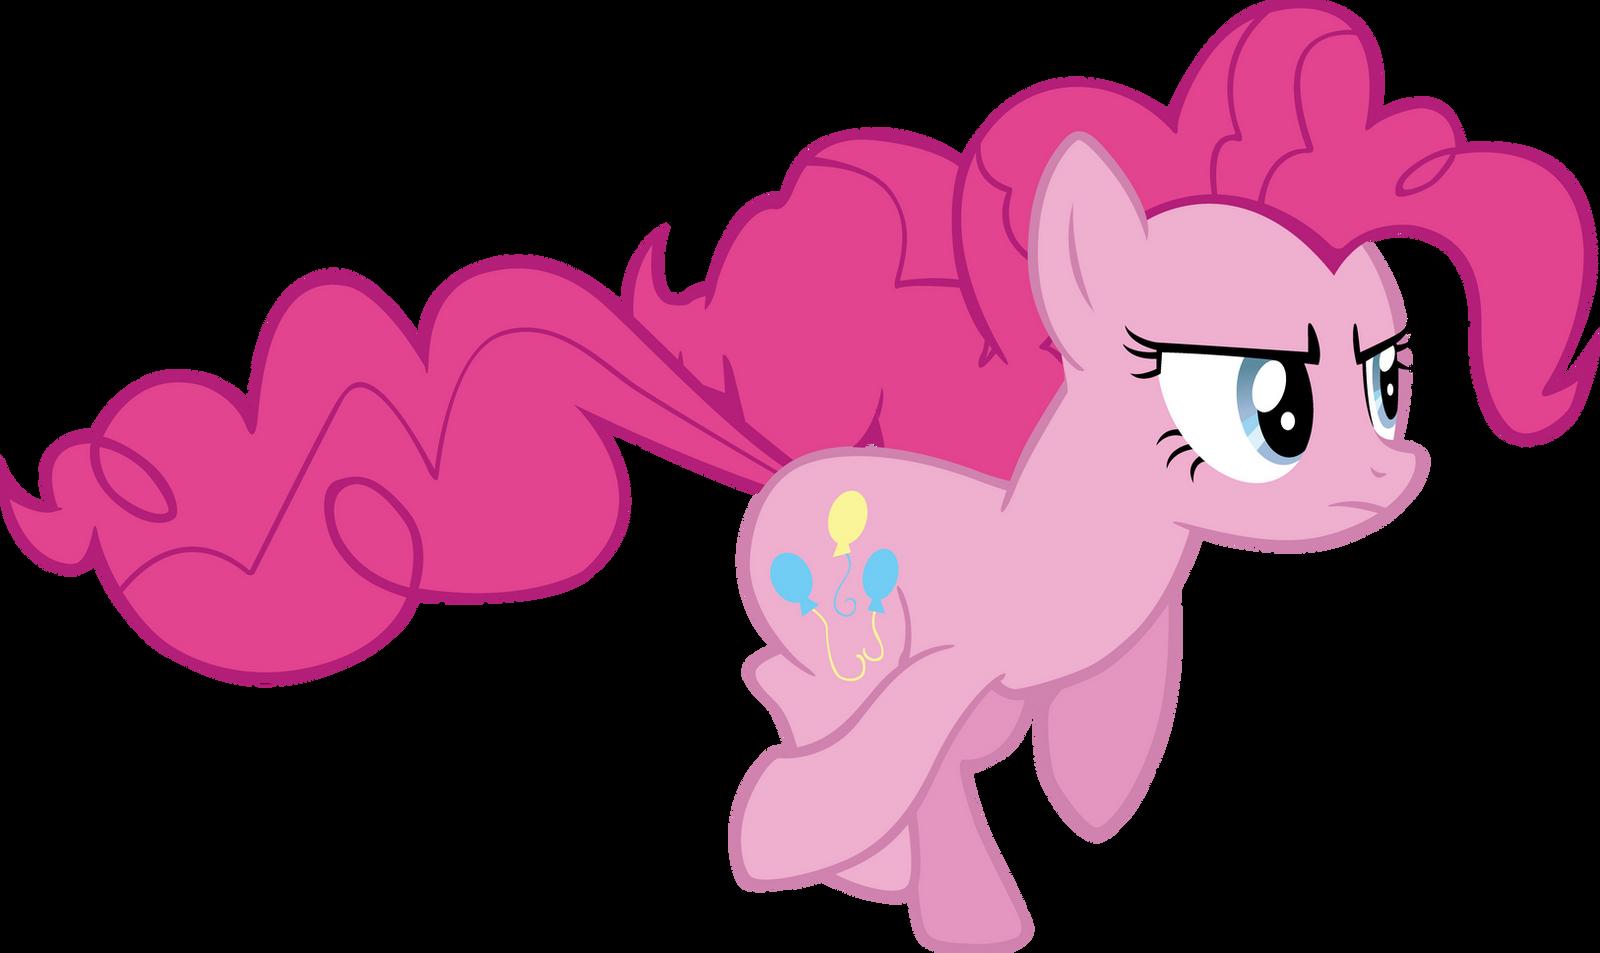 Pinkie Pie being Pinkie Pie